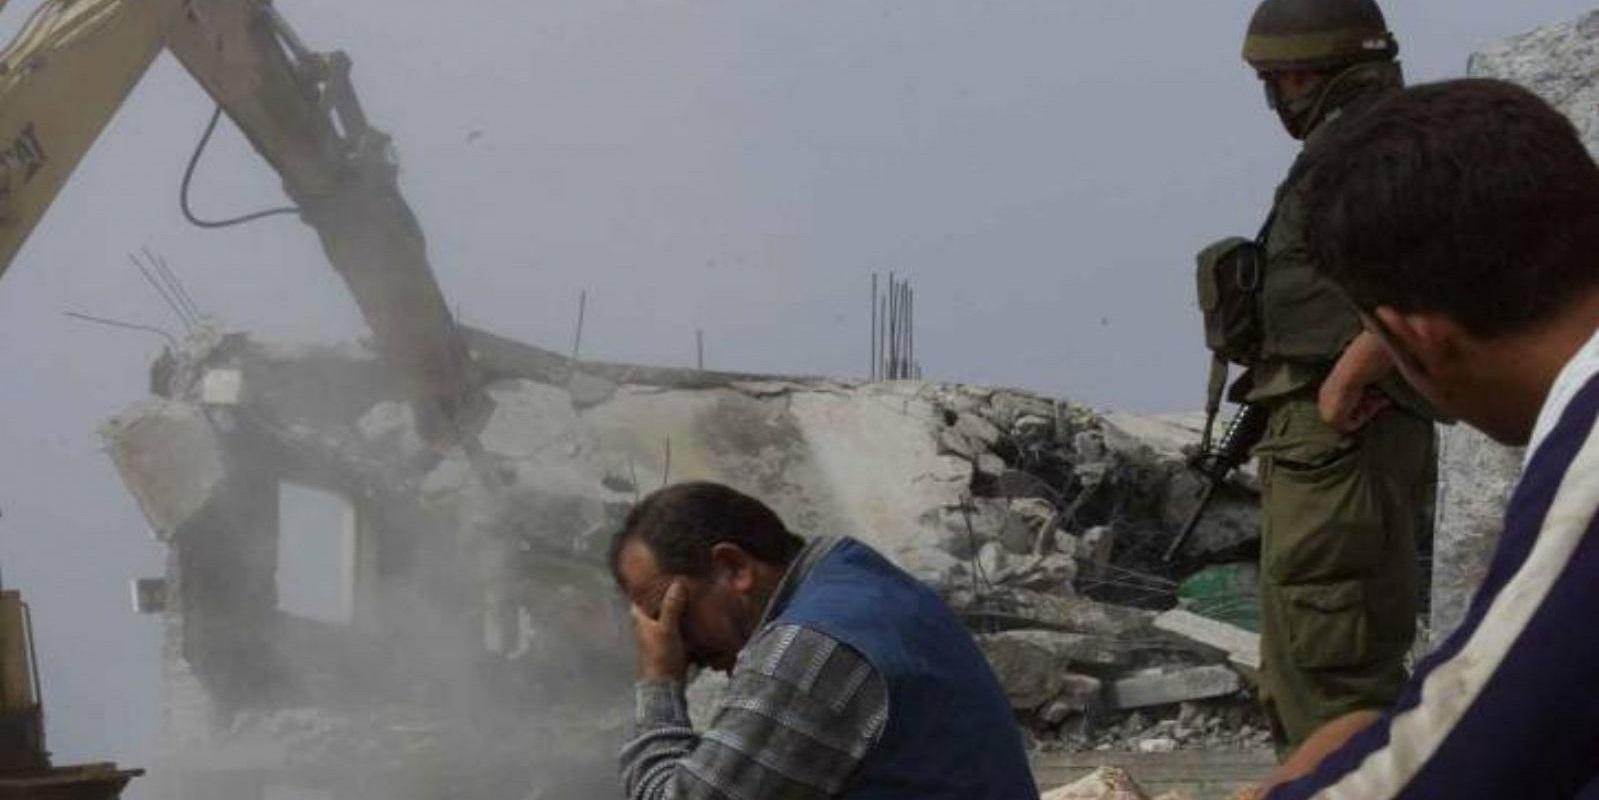 Come Abbattere Un Muro muro israeliano, case palestinesi e l'illegalità da abbattere -